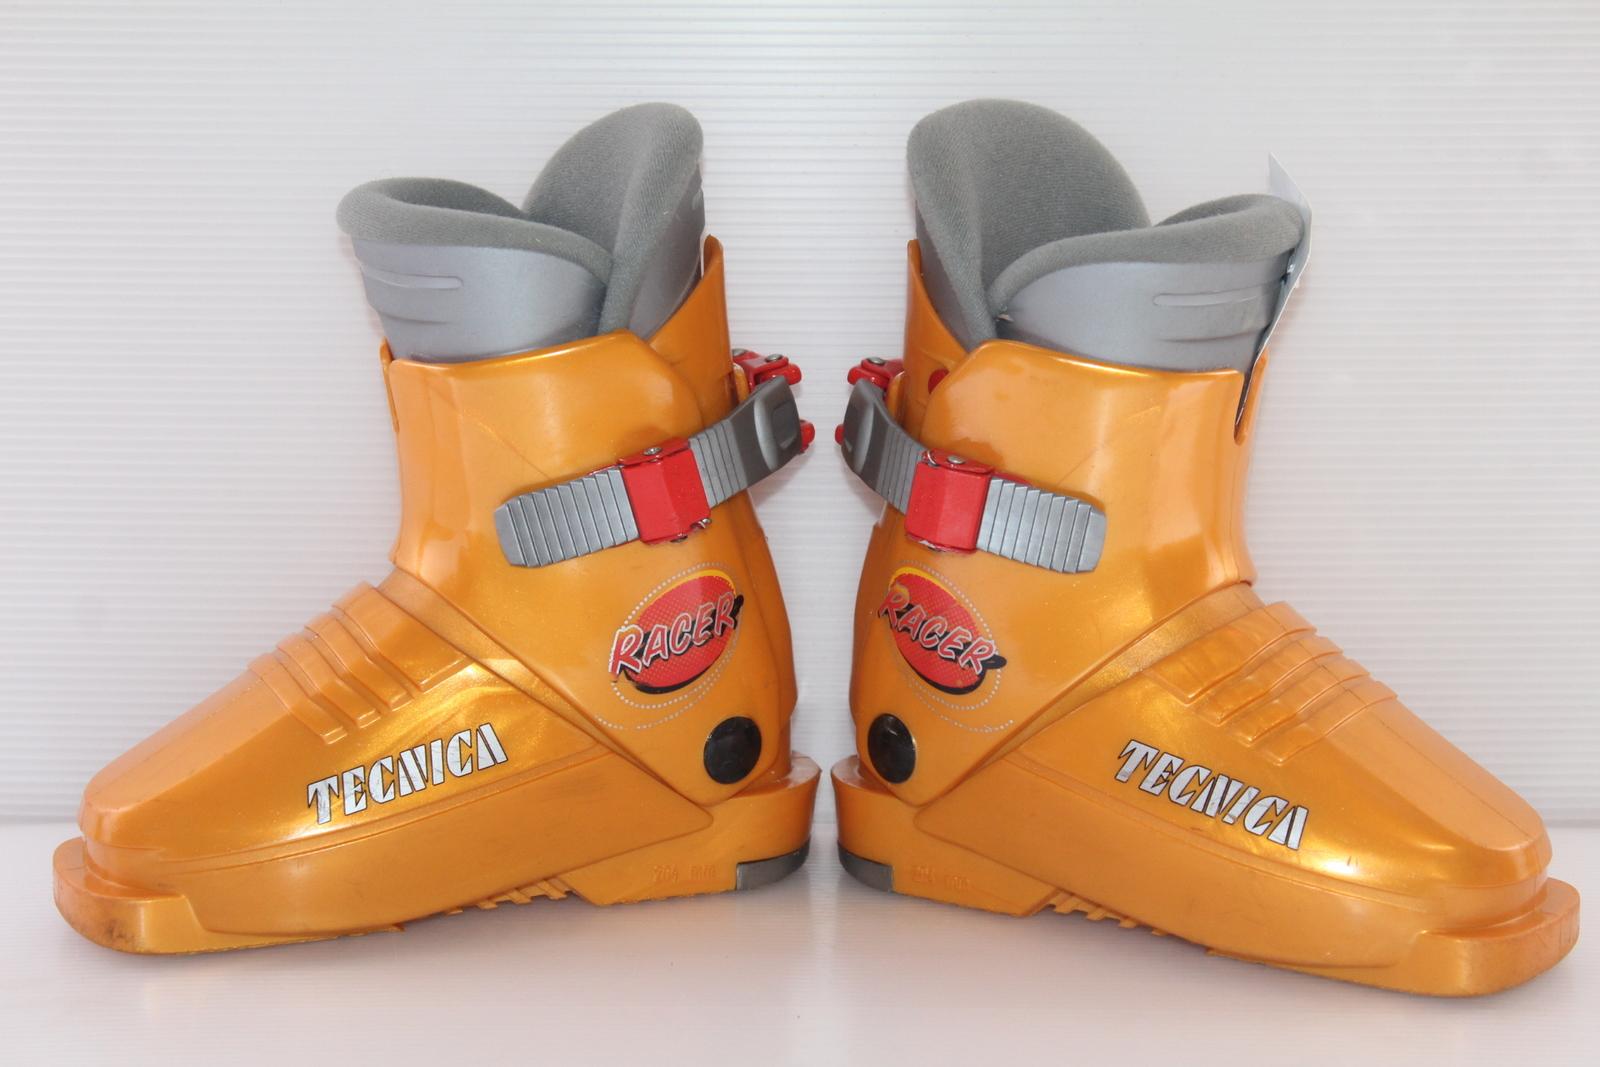 Dívčí lyžáky Tecnica Racer vel. EU25